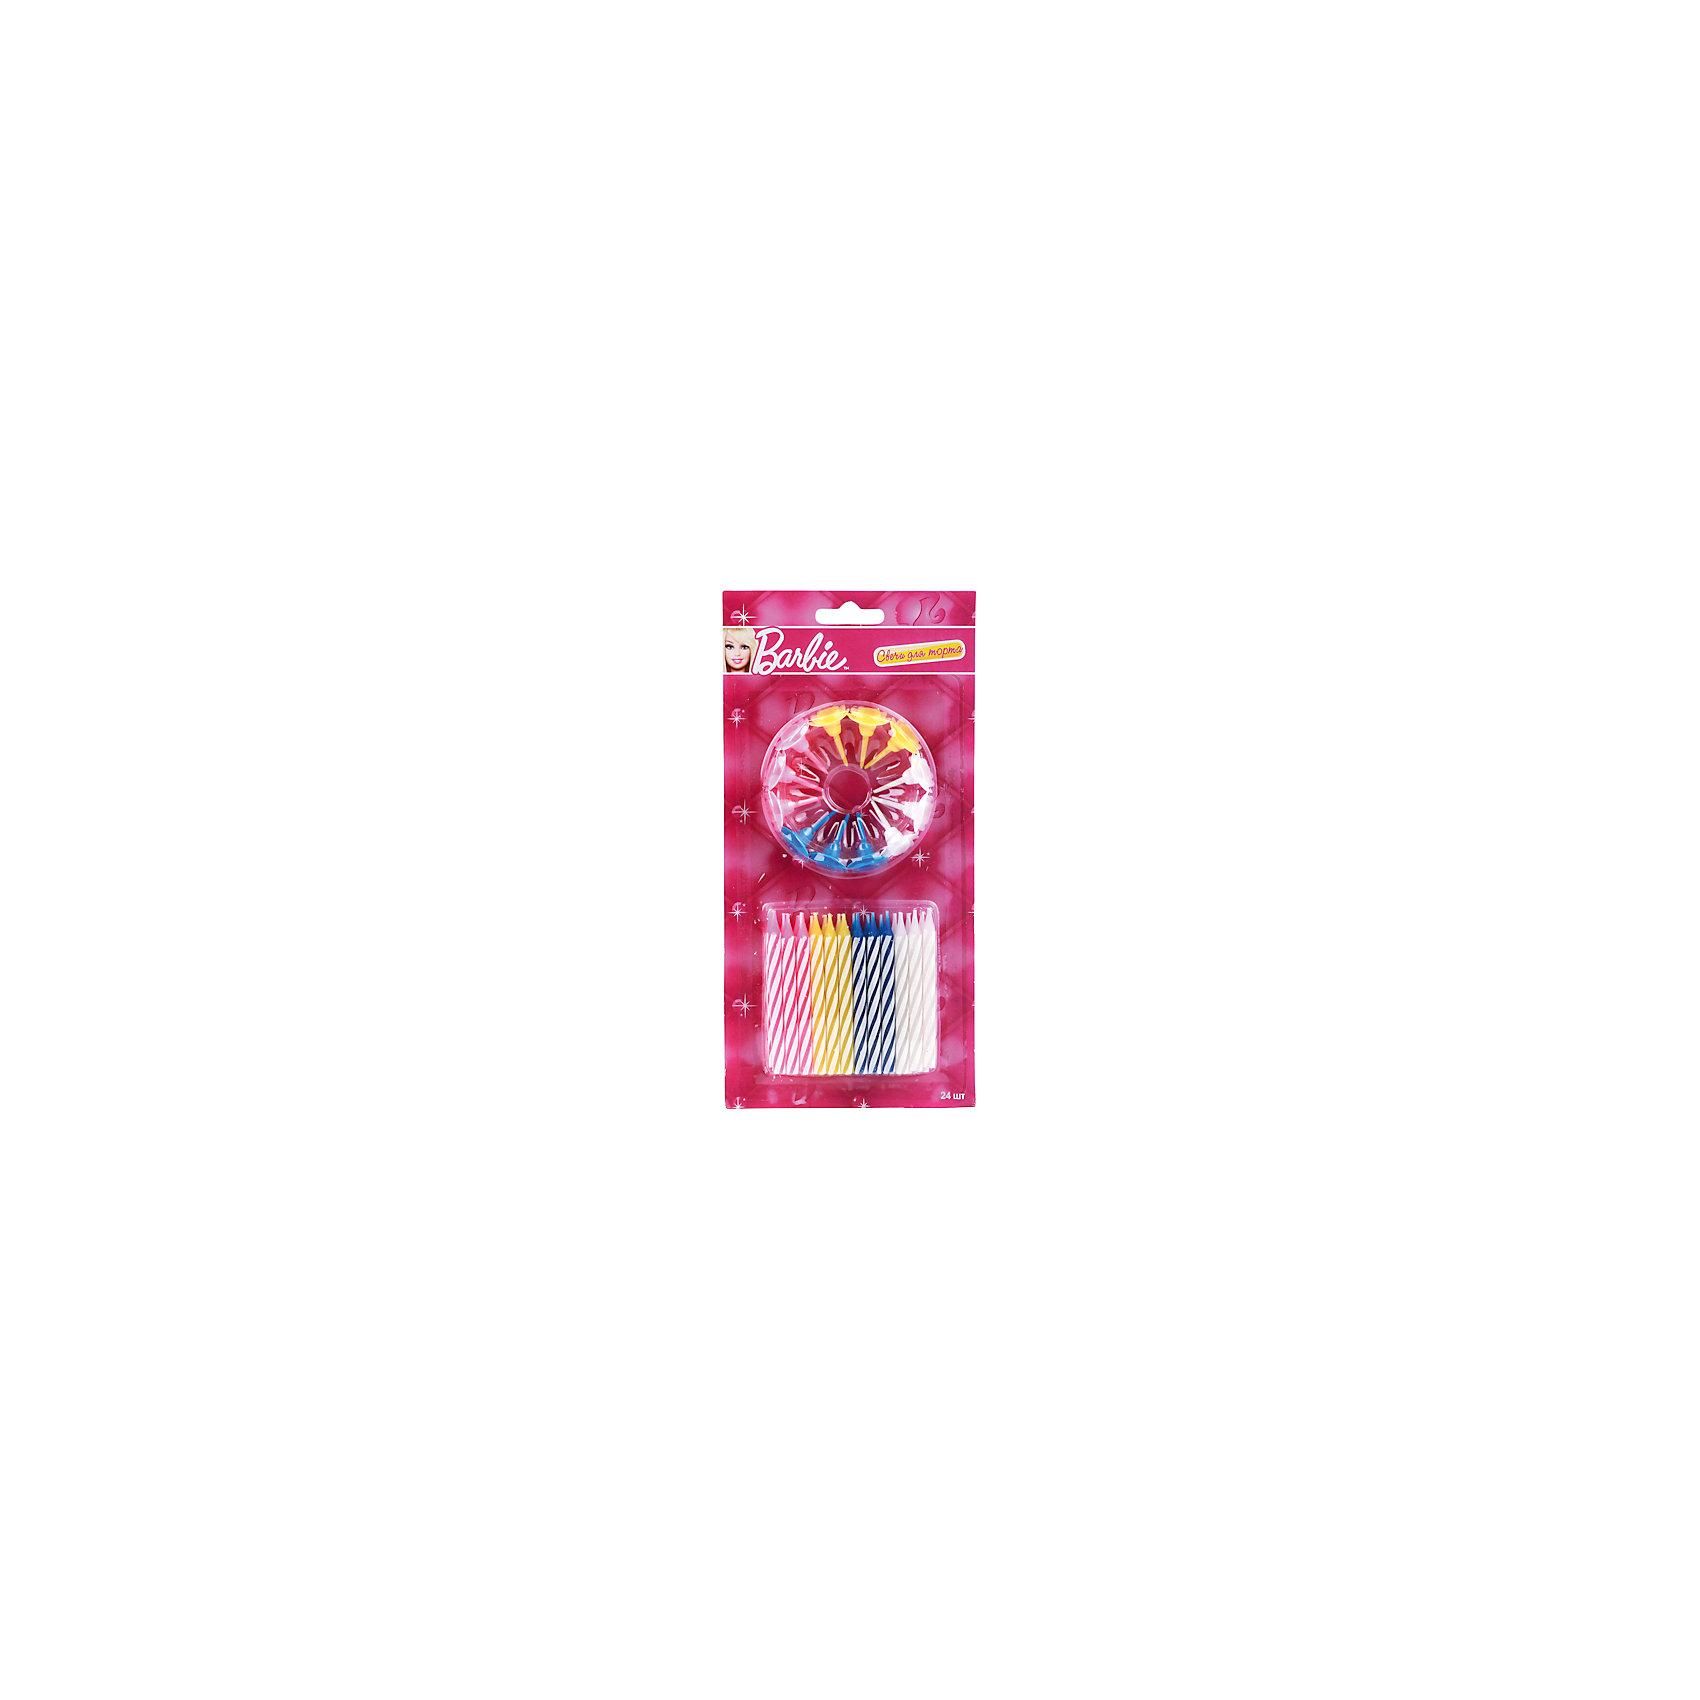 Набор из 24 свечей для торта, BarbieBarbie<br>Ни один детский праздник и День рождения невозможно представить без торта со свечами, которые надо задуть для исполнения желания. Свечи Barbie станут прекрасным украшением праздничного десерта и создадут атмосферу радости и веселья на любимом детском празднике. В комплект входят 24 свечки четырех цветов (розовый, желтый, белый, синий) и 12 подставок к ним. Свечки изготовлены из нетоксичного воска и безопасны для детей. Упаковка - нарядная розовая коробочка в стиле Барби.<br><br>Дополнительная информация:<br><br>- В комплекте: 24 свечи+12 подставок.<br>- Материал: воск. <br>- Размер упаковки: 19,5 x 9,5 x 1 см.<br>- Вес: 40 гр. <br><br>Набор из 24 свечей для торта, Barbie, Веселый праздник, можно купить в нашем интернет-магазине.<br><br>Ширина мм: 100<br>Глубина мм: 200<br>Высота мм: 20<br>Вес г: 40<br>Возраст от месяцев: 36<br>Возраст до месяцев: 108<br>Пол: Женский<br>Возраст: Детский<br>SKU: 4322288